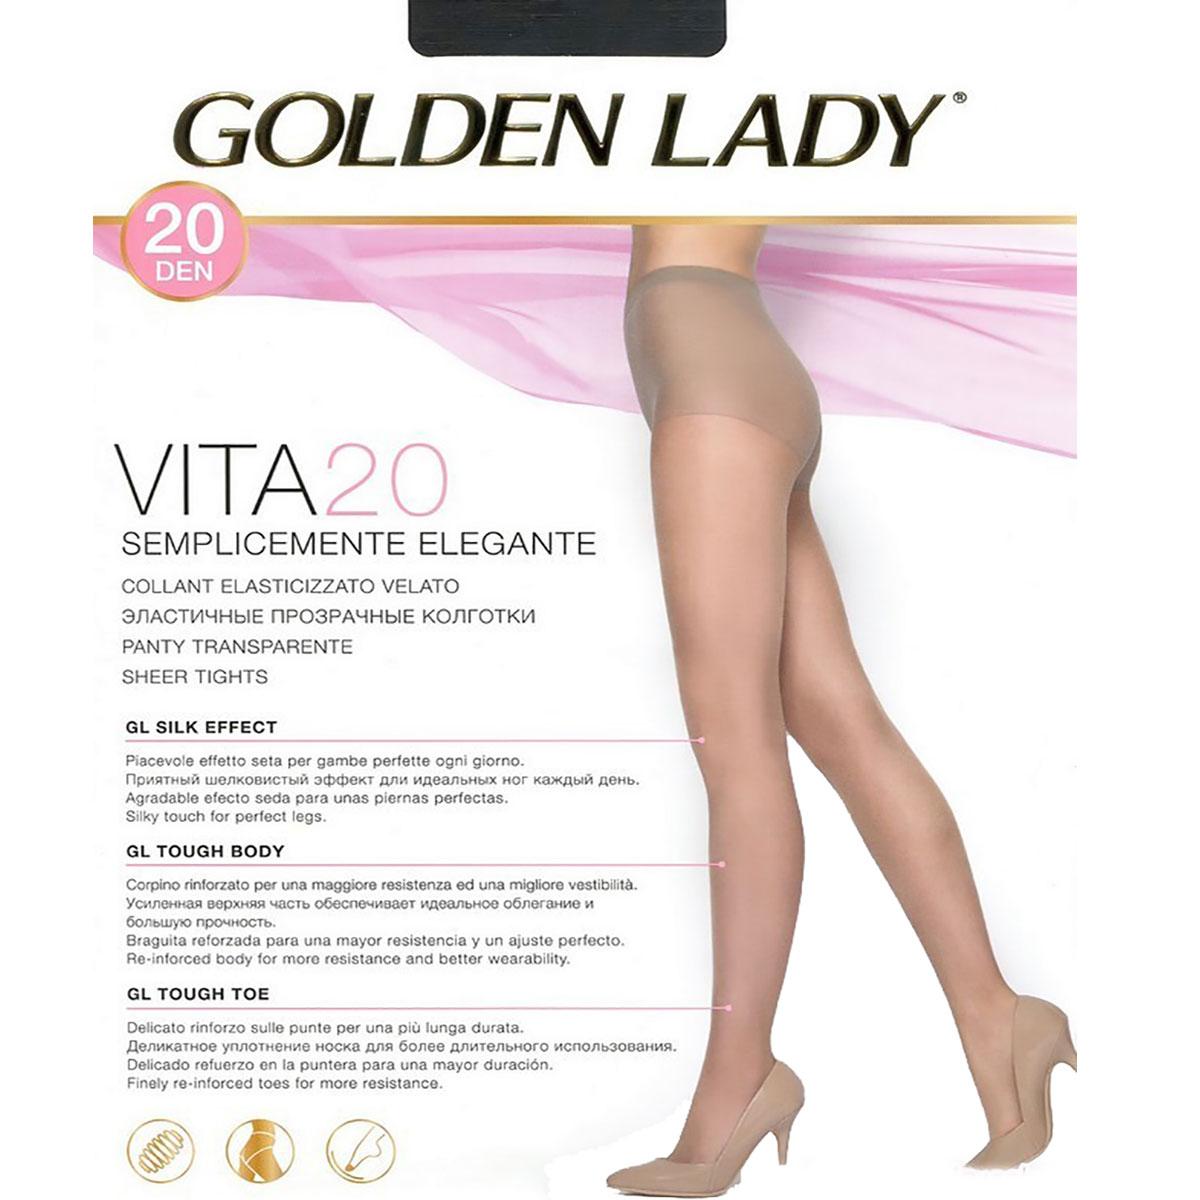 Set 10 GOLDEN LADY Repose 20 Melon Xl Calze Collant Da Donna Abbigliamento E Accessori